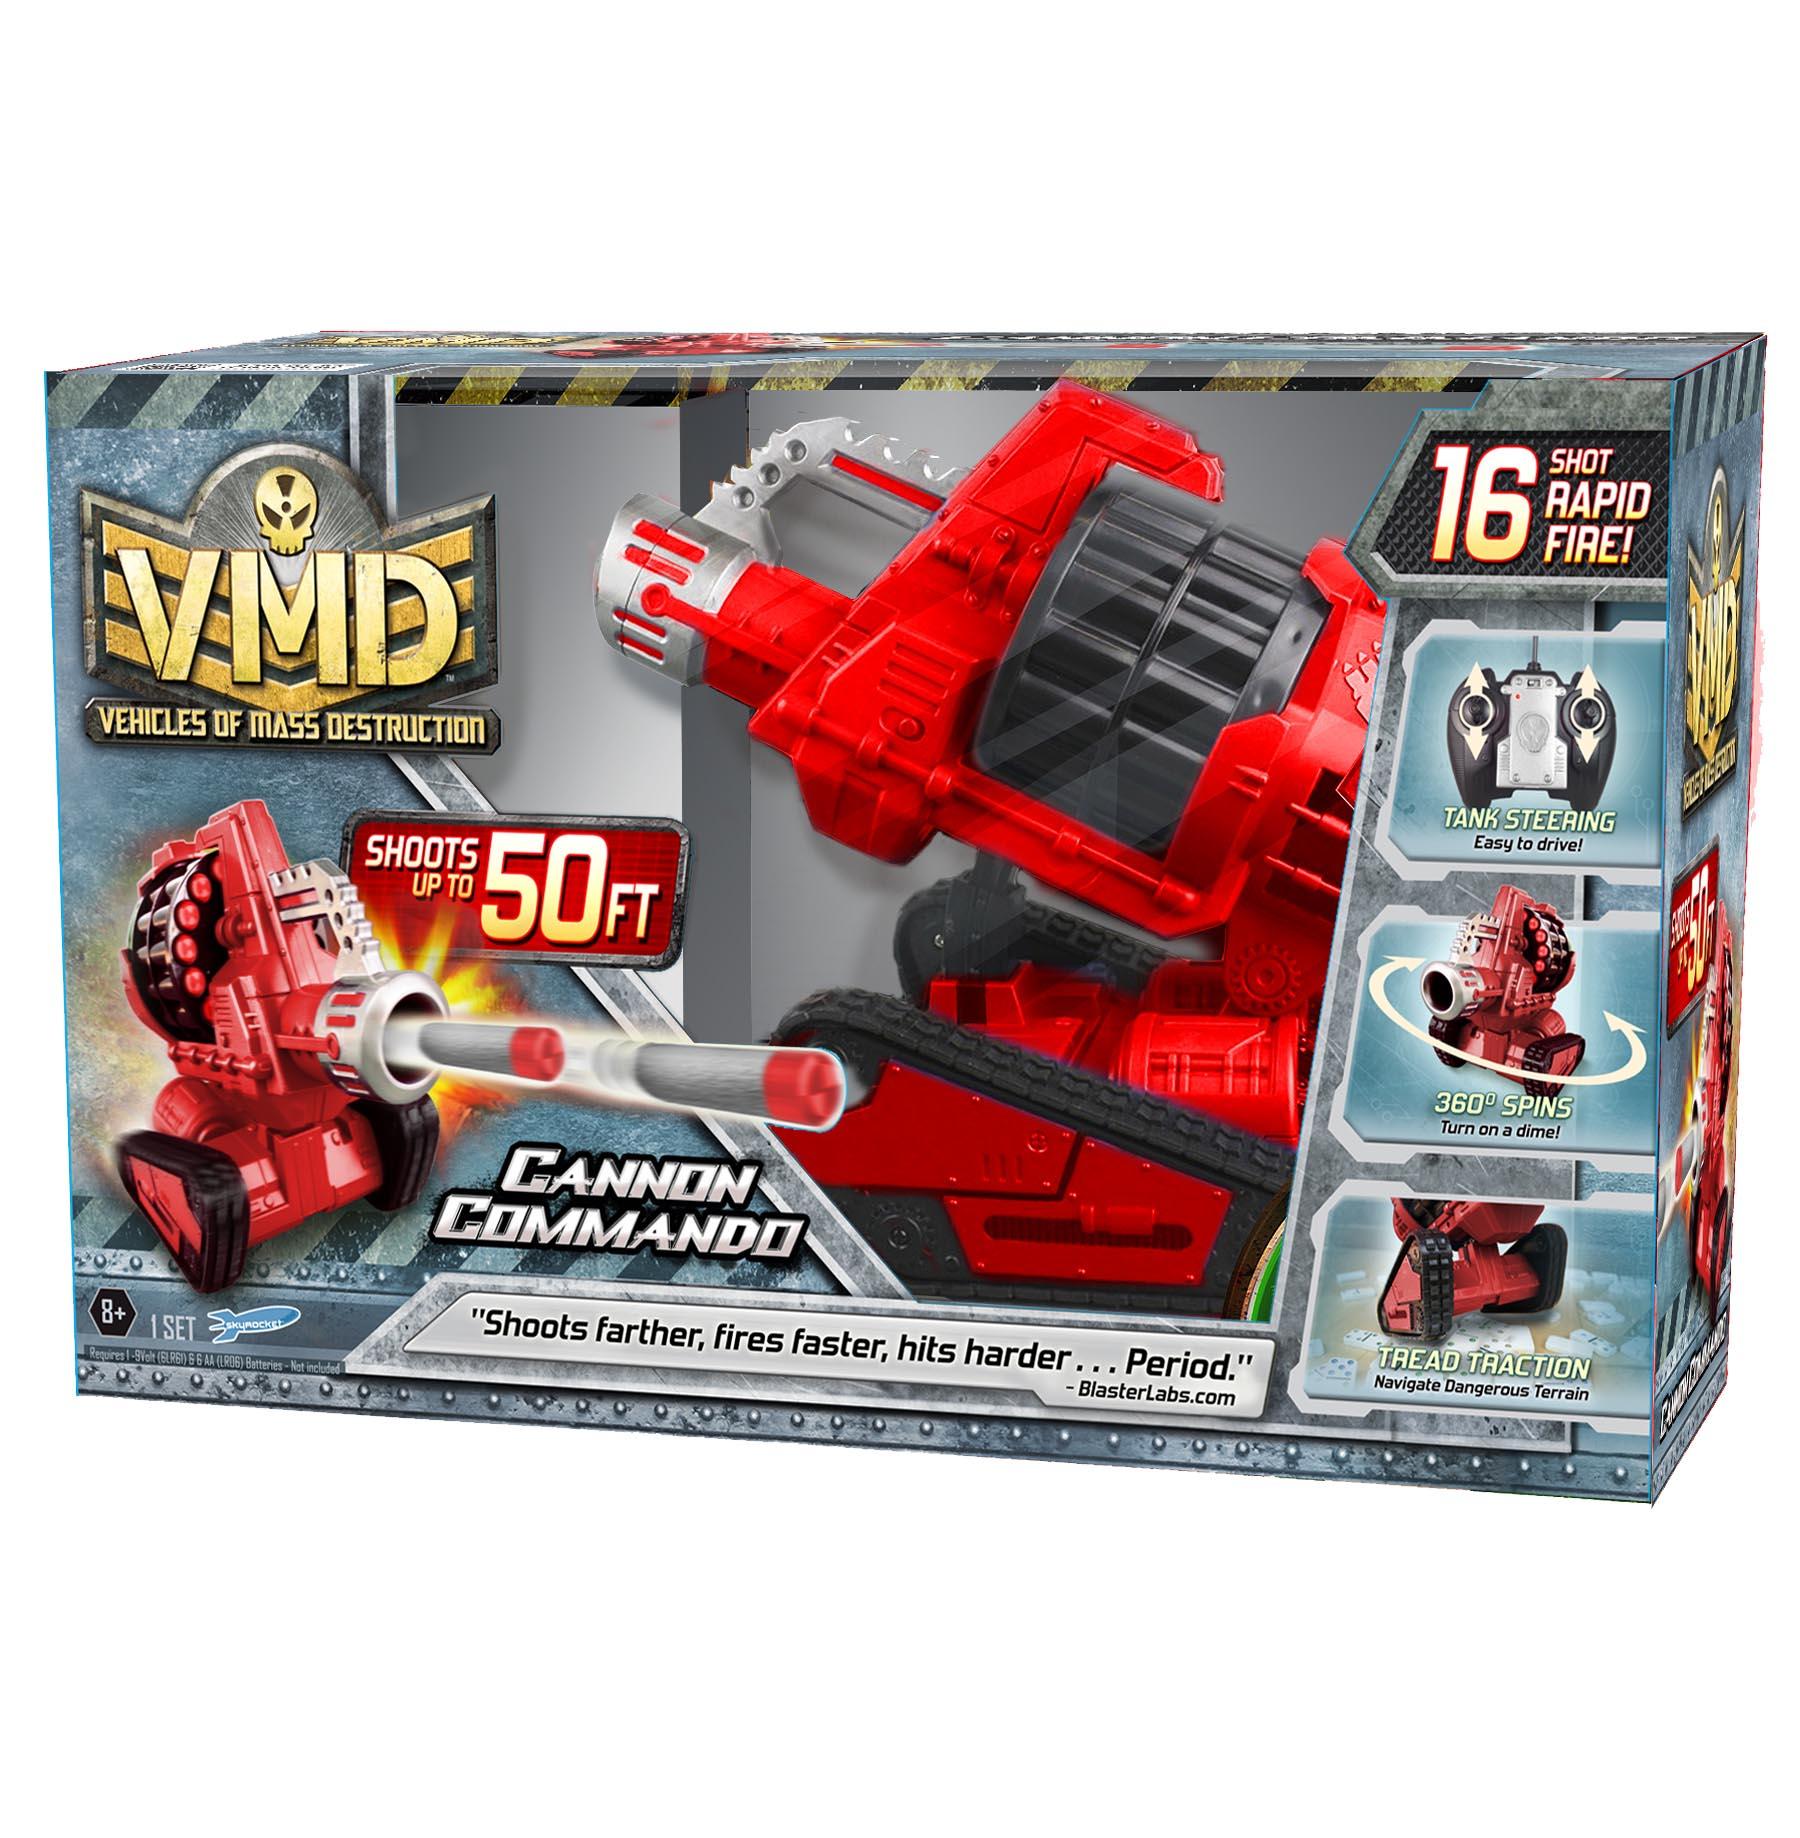 VMD Cannon Commando